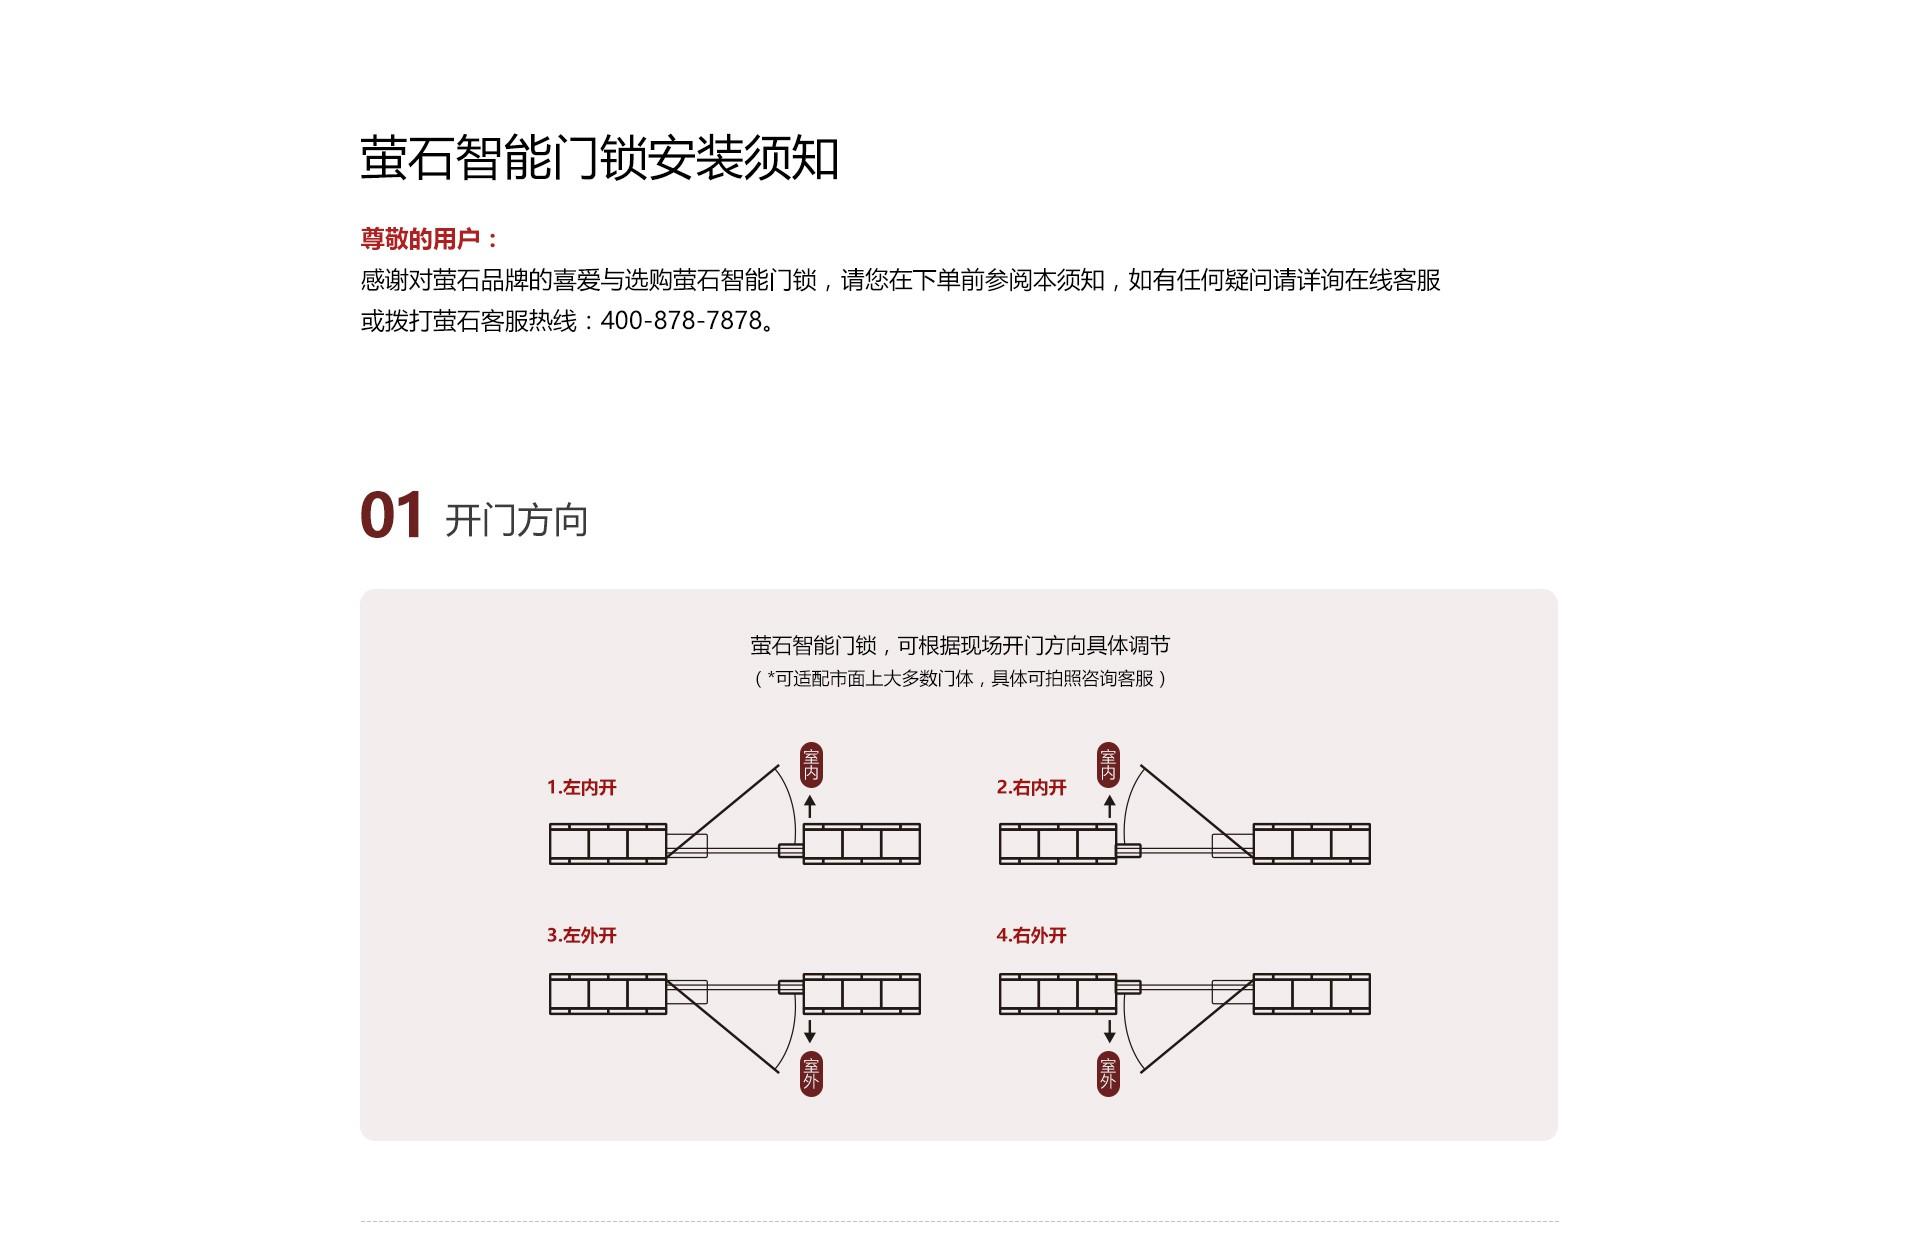 自购须知-web_02.jpg